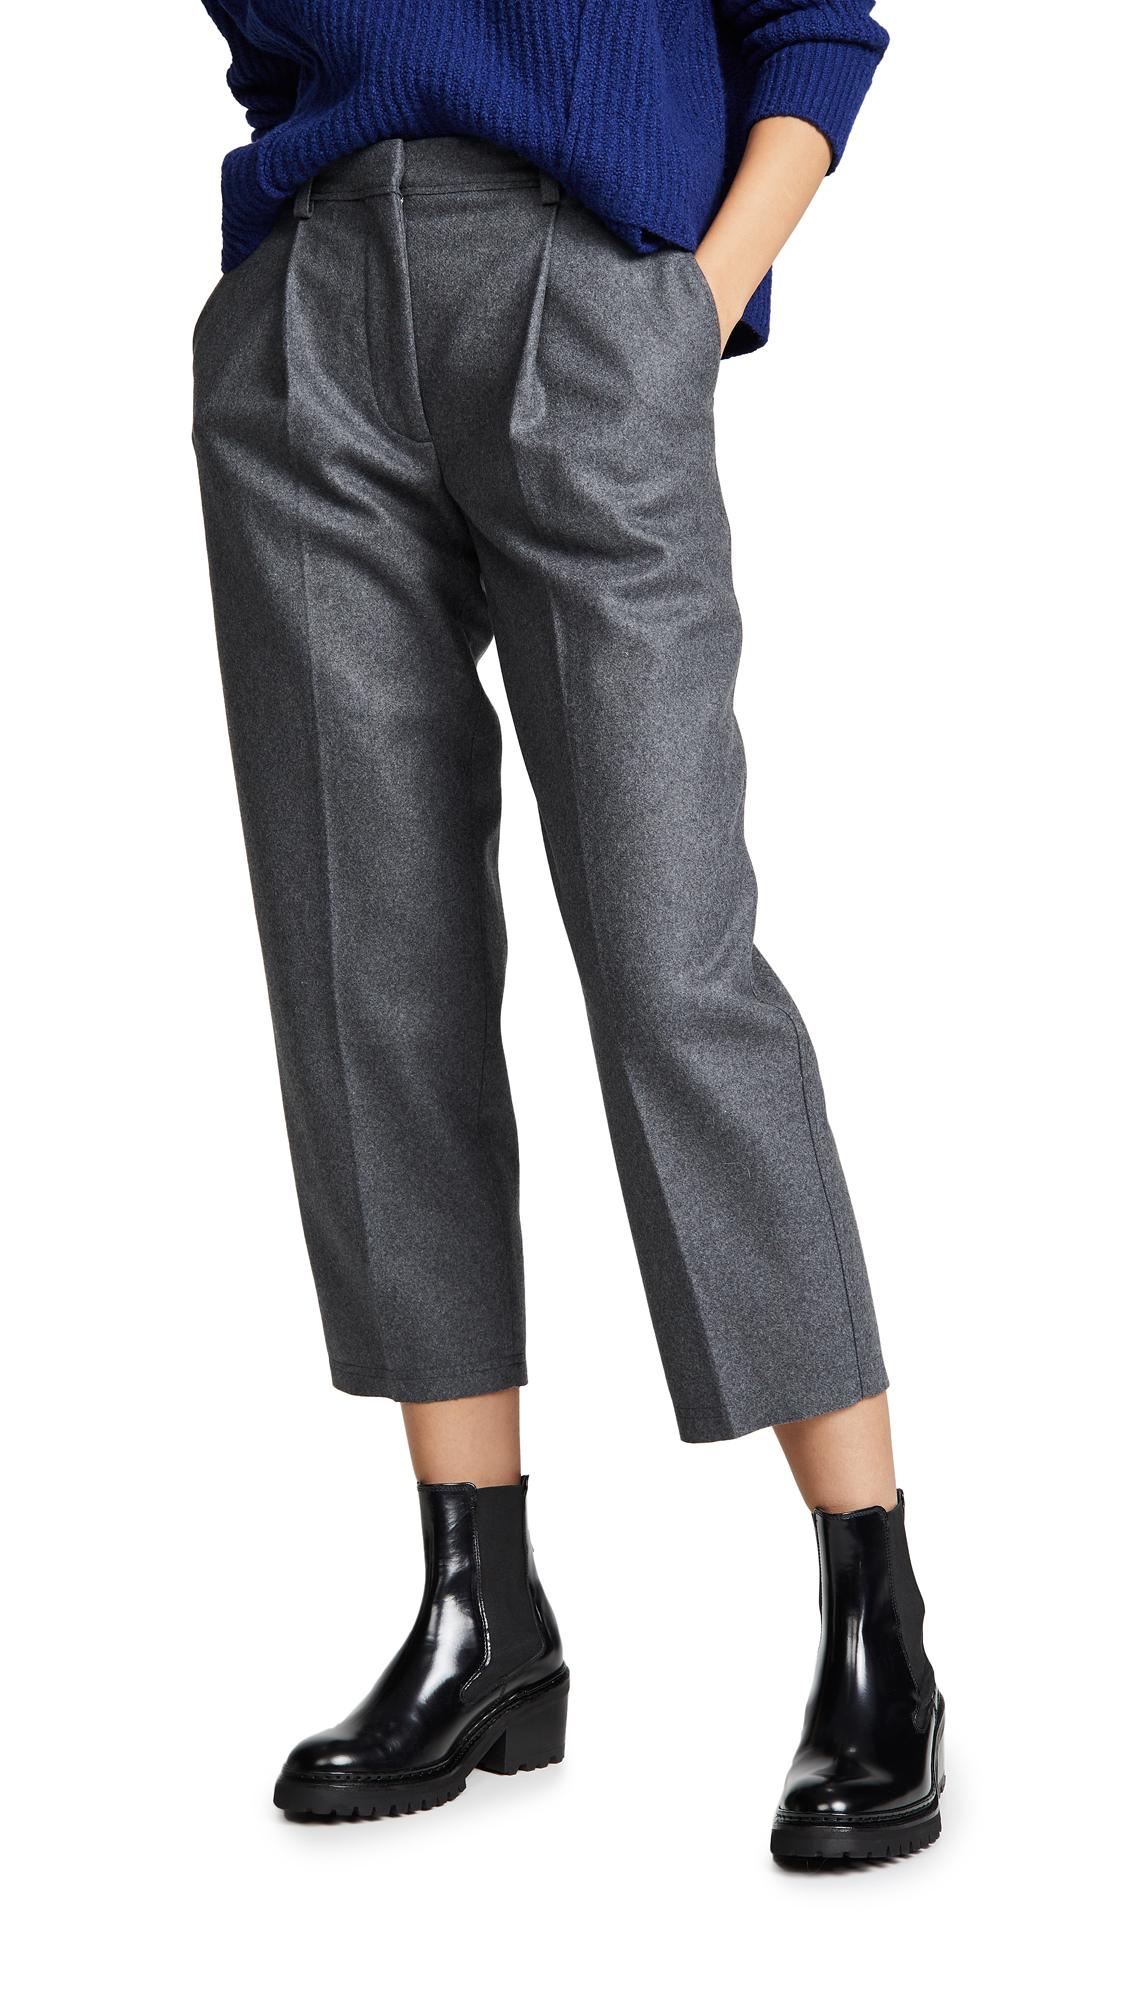 Acne Studios Wool Trousers In Grey Melange